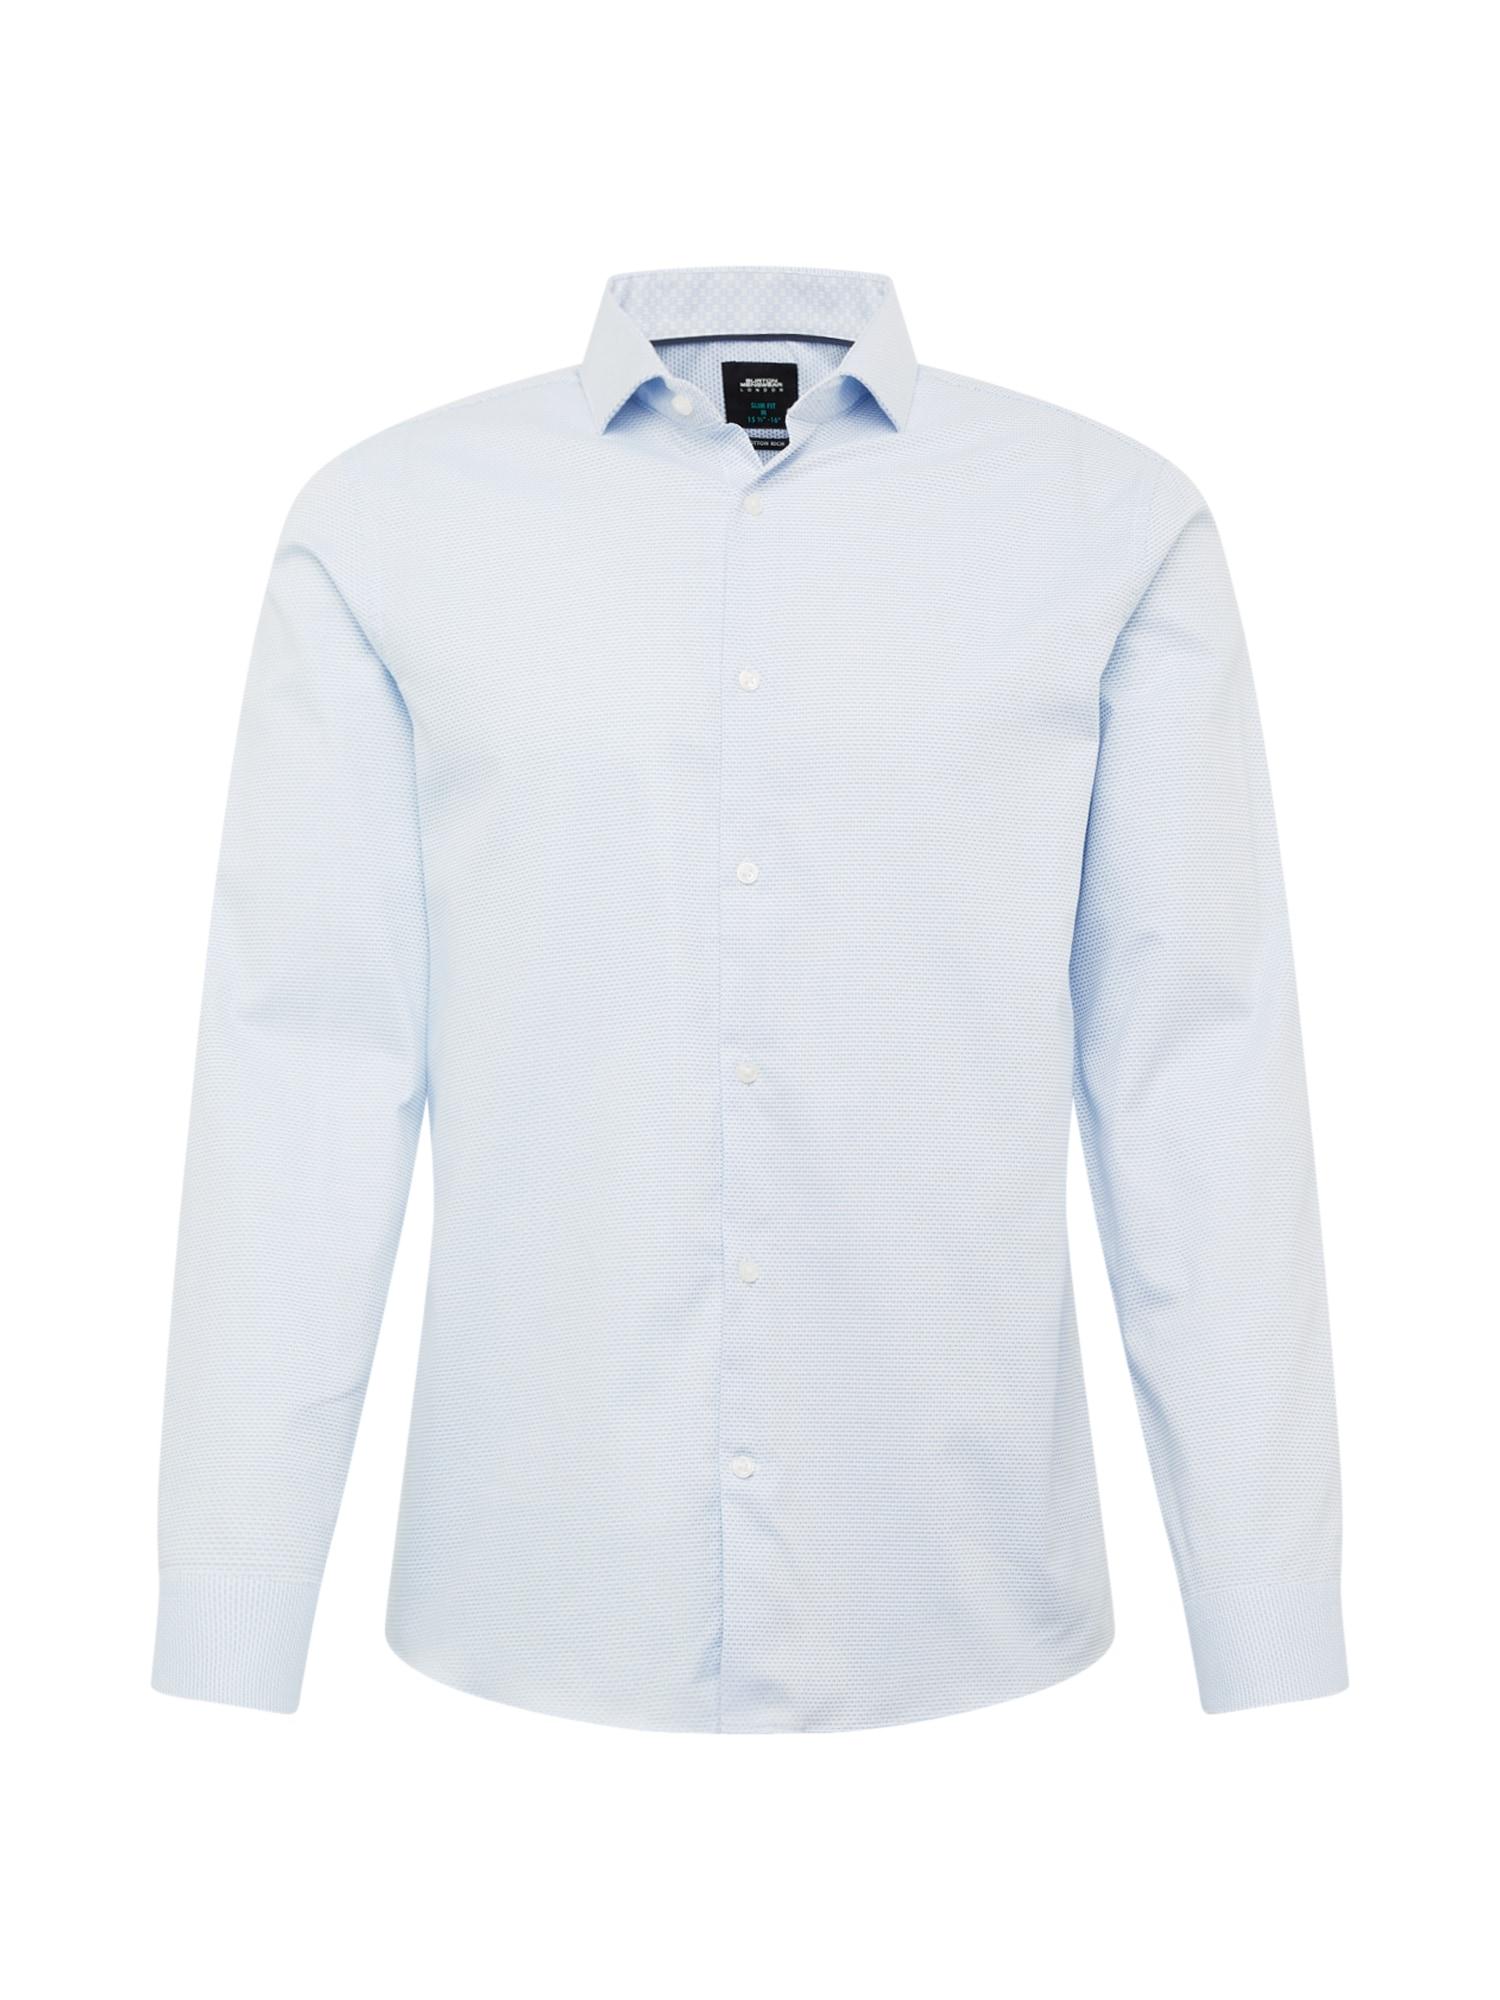 BURTON MENSWEAR LONDON Dalykinio stiliaus marškiniai mėlyna